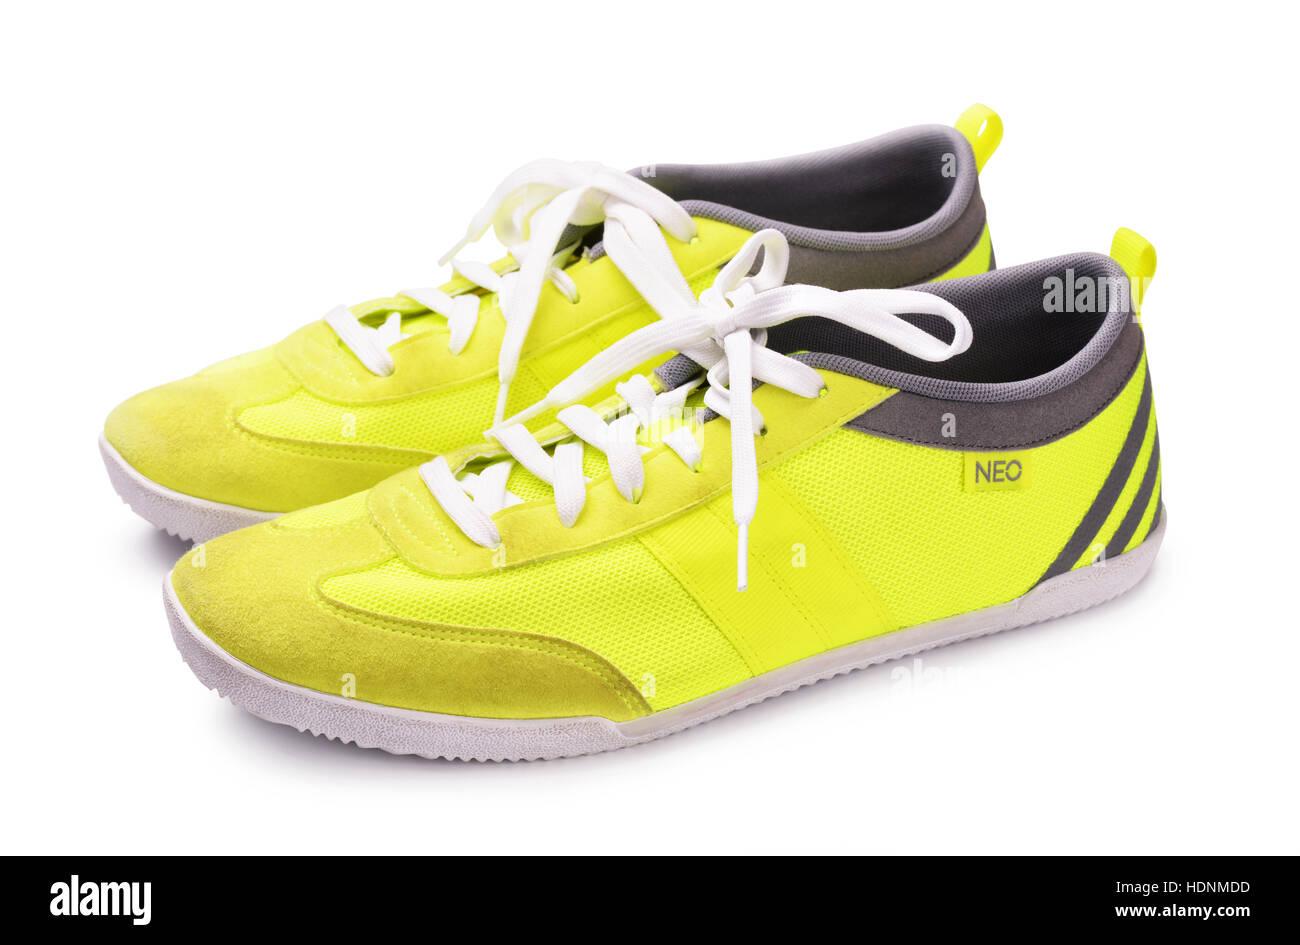 online store d92cf 03aa5 Juni 2015 Adidas Neo Sneakers für laufen, Fußball, training, in grau und  gelb, zeigt das Adidas Logo und berühmten drei Streifen